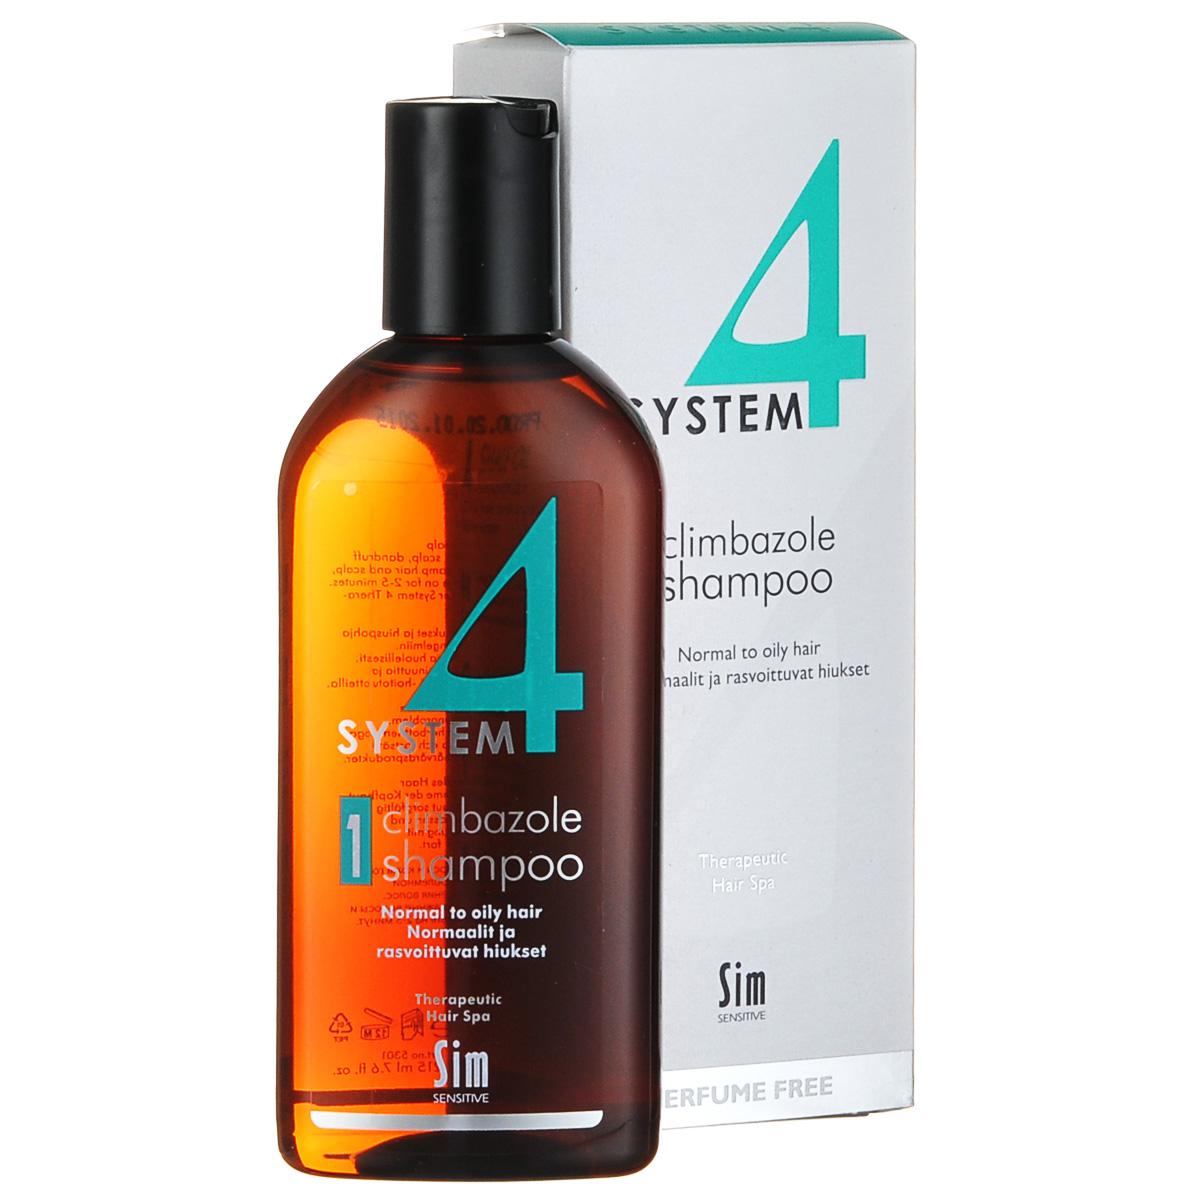 SIM SENSITIVE Терапевтический шампунь № 1 SYSTEM 4 Climbazole Shampoo 1, 215 мл5301КАК РАБОТАЕТ: климбазол и пироктон оламин убивают грибок и восстанавливают микрофлоры кожи головы. Салициловая кислота активно очищает кожу головы, ундециленовая кислота нормализует работу сальных желез. Рапсовое масло увлажняет кожу головы, не засаливая ее, так что волосы дольше сохраняют свежесть. Розмарин и ментол охлаждают и успокаивают, а гидролизованный коллаген активизирует обменные процессы в коже головы. БОРЕТСЯ С: зудом и раздражением кожи головы избыточным выделением кожного сала (себореей) перхотью